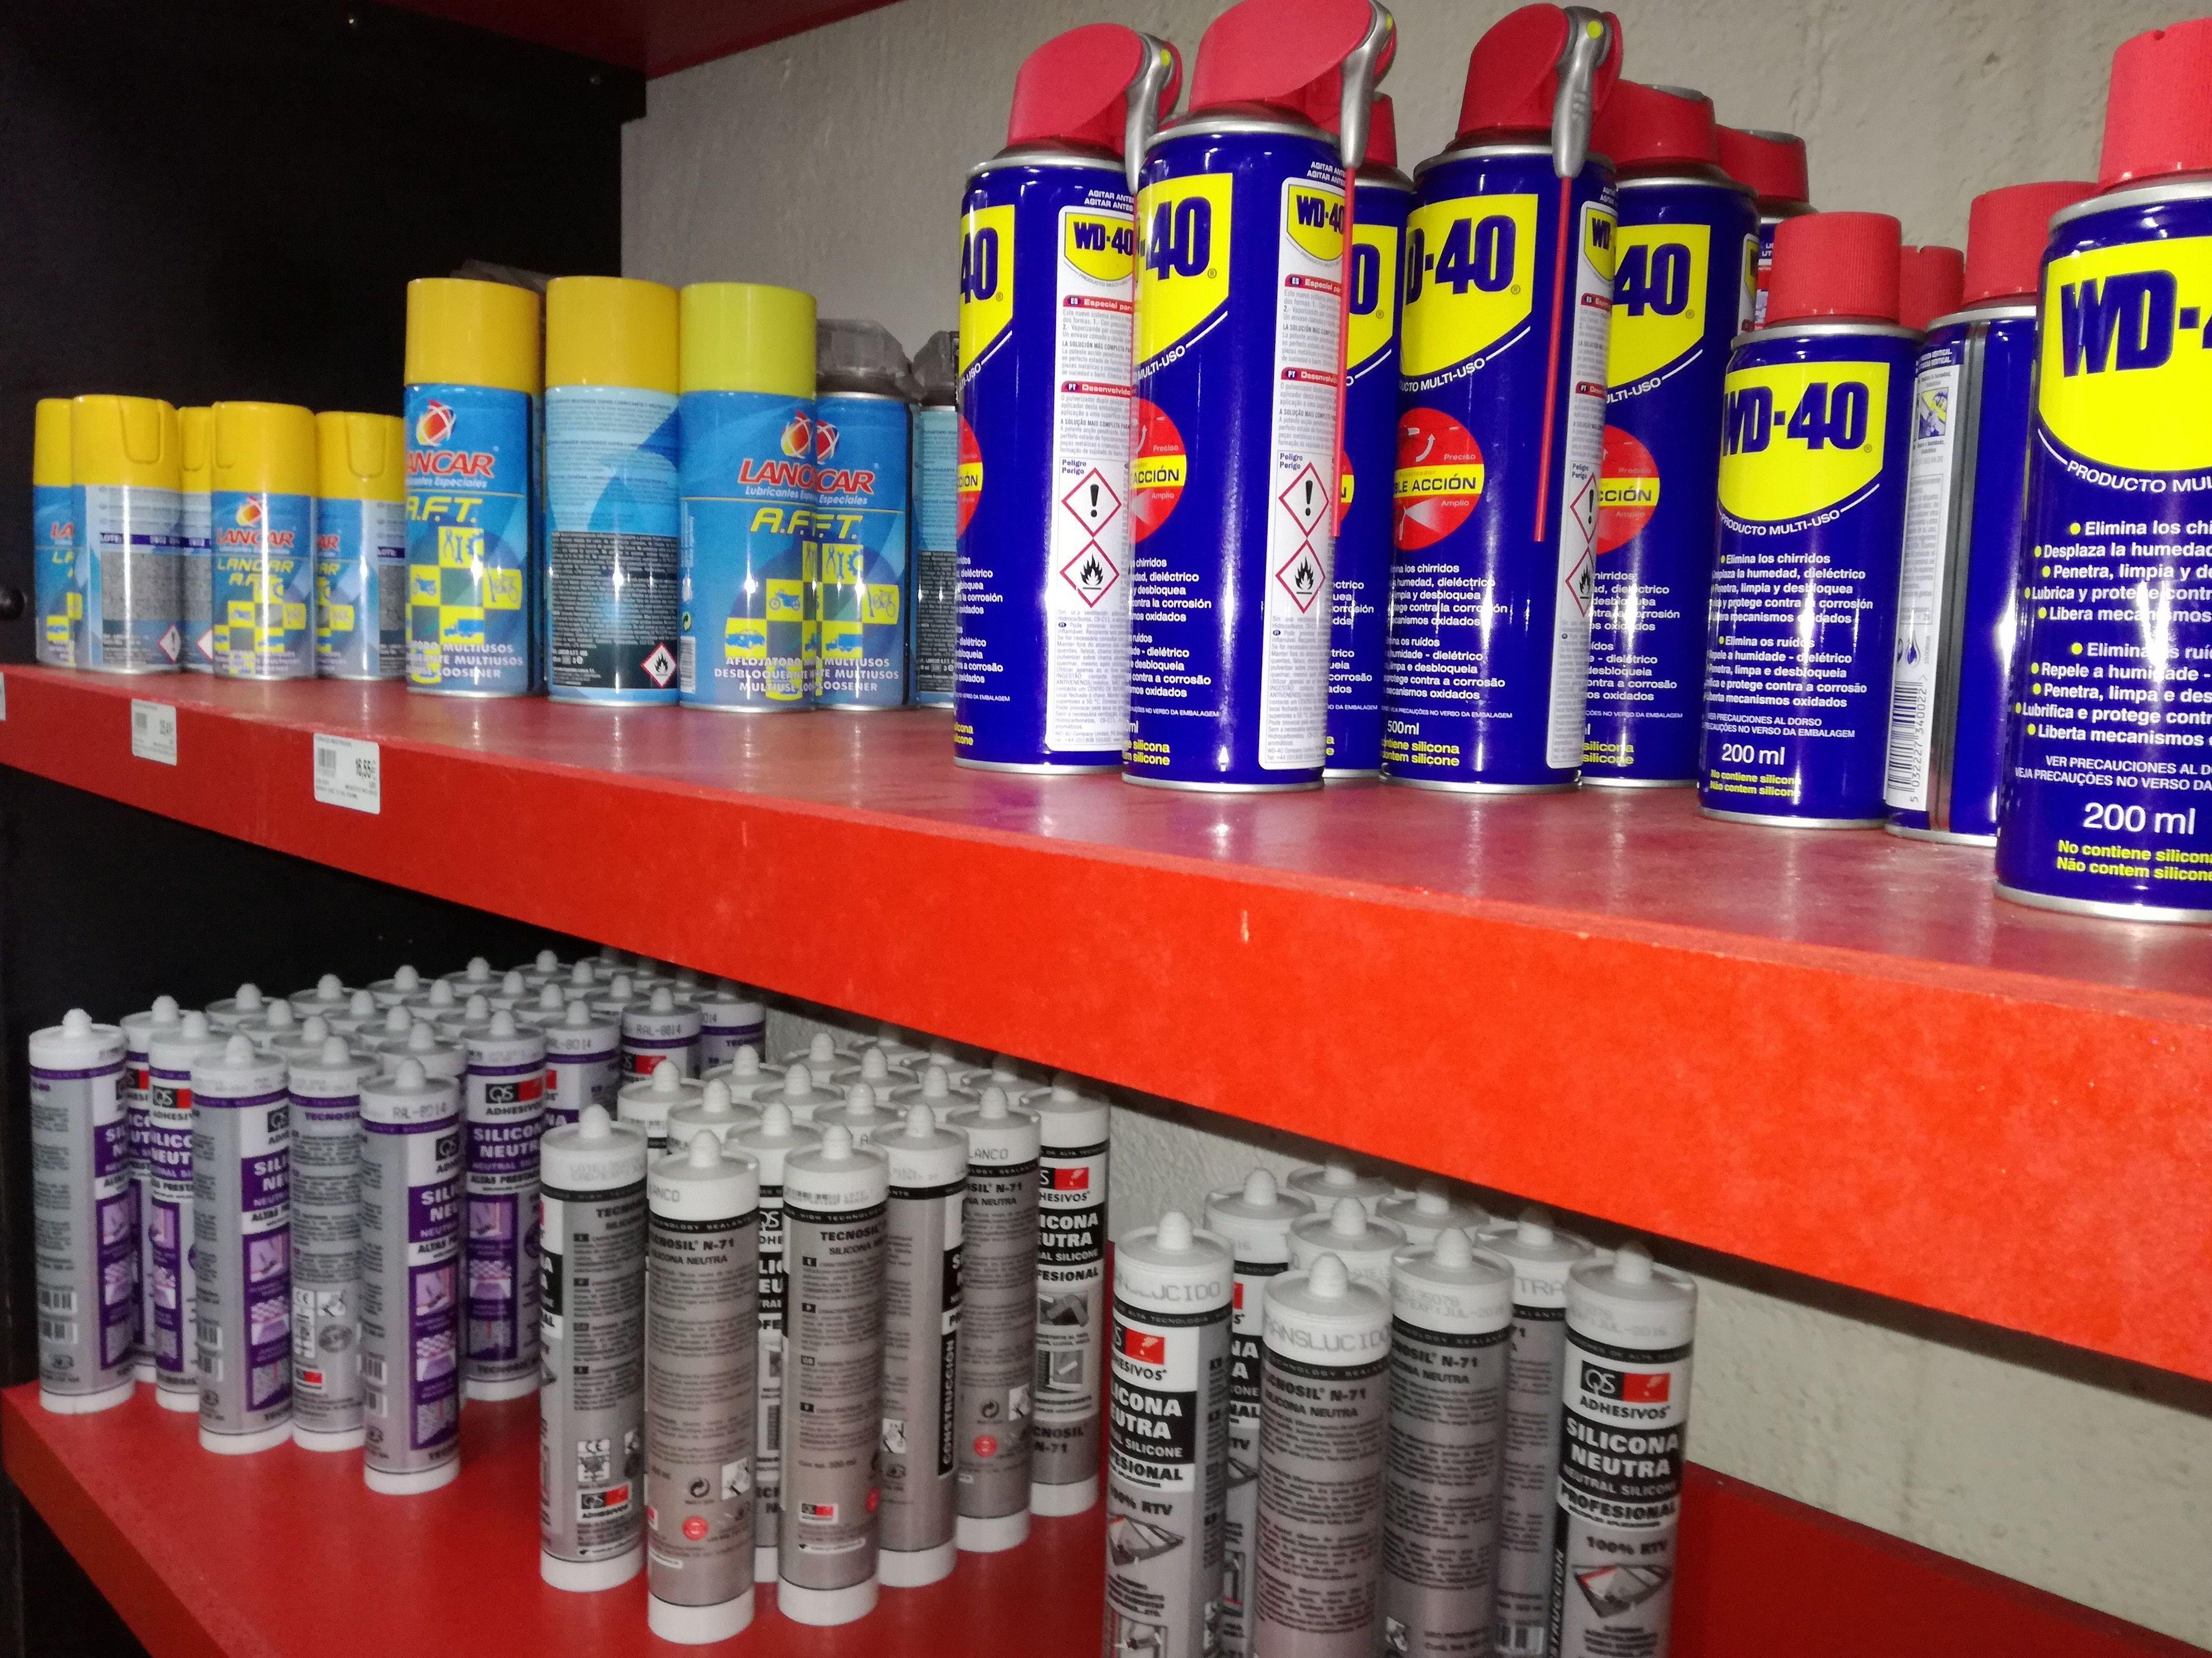 Engrase y lubricación: Productos de Iturralde Industrigaiak, S.L.